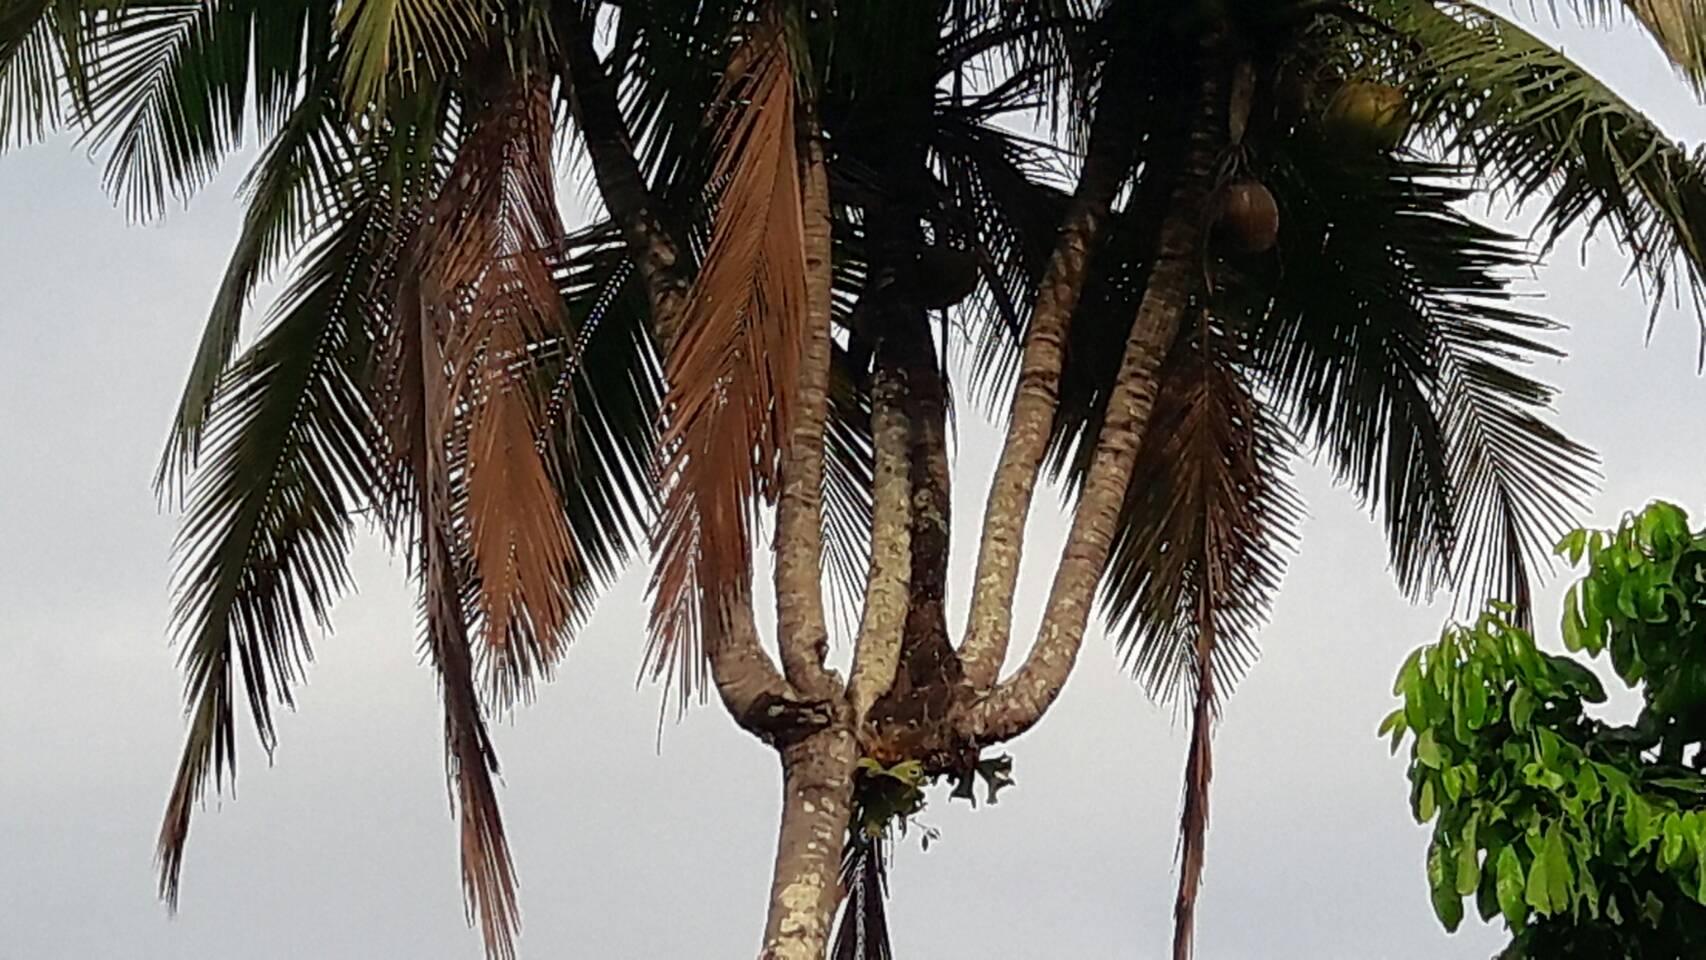 ฮือฮาพบต้นมะพร้าว 6ยอด เจ้าของเผยว่าขอซื้อ 4 หมื่นแต่ไม่ขาย